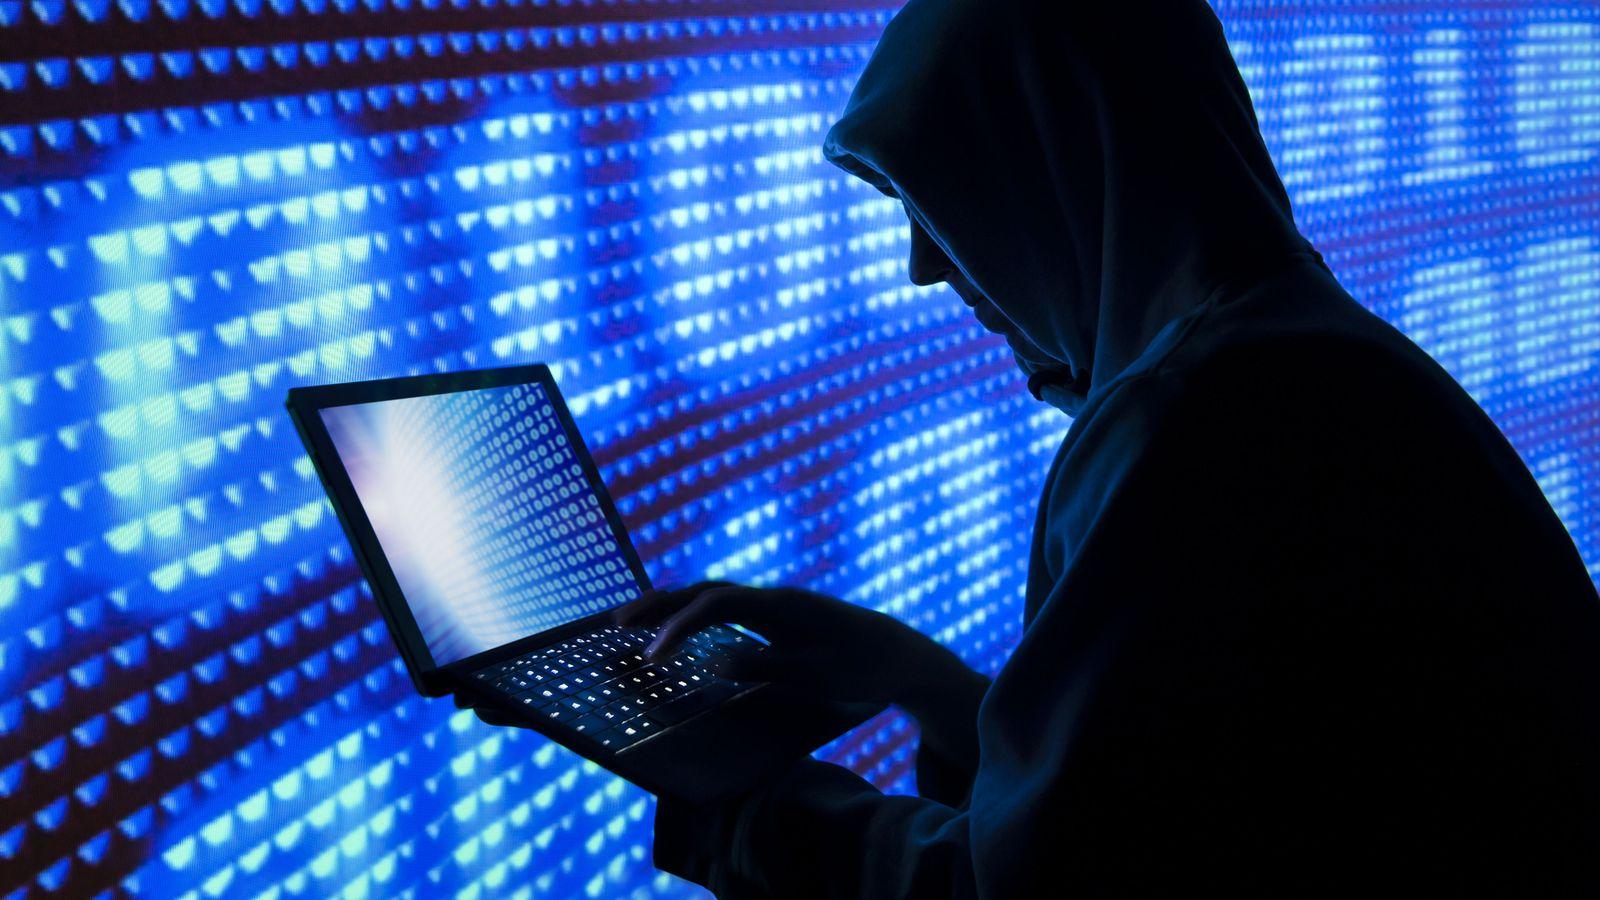 La importancia de la ciberseguridad en el entorno personal y profesional.